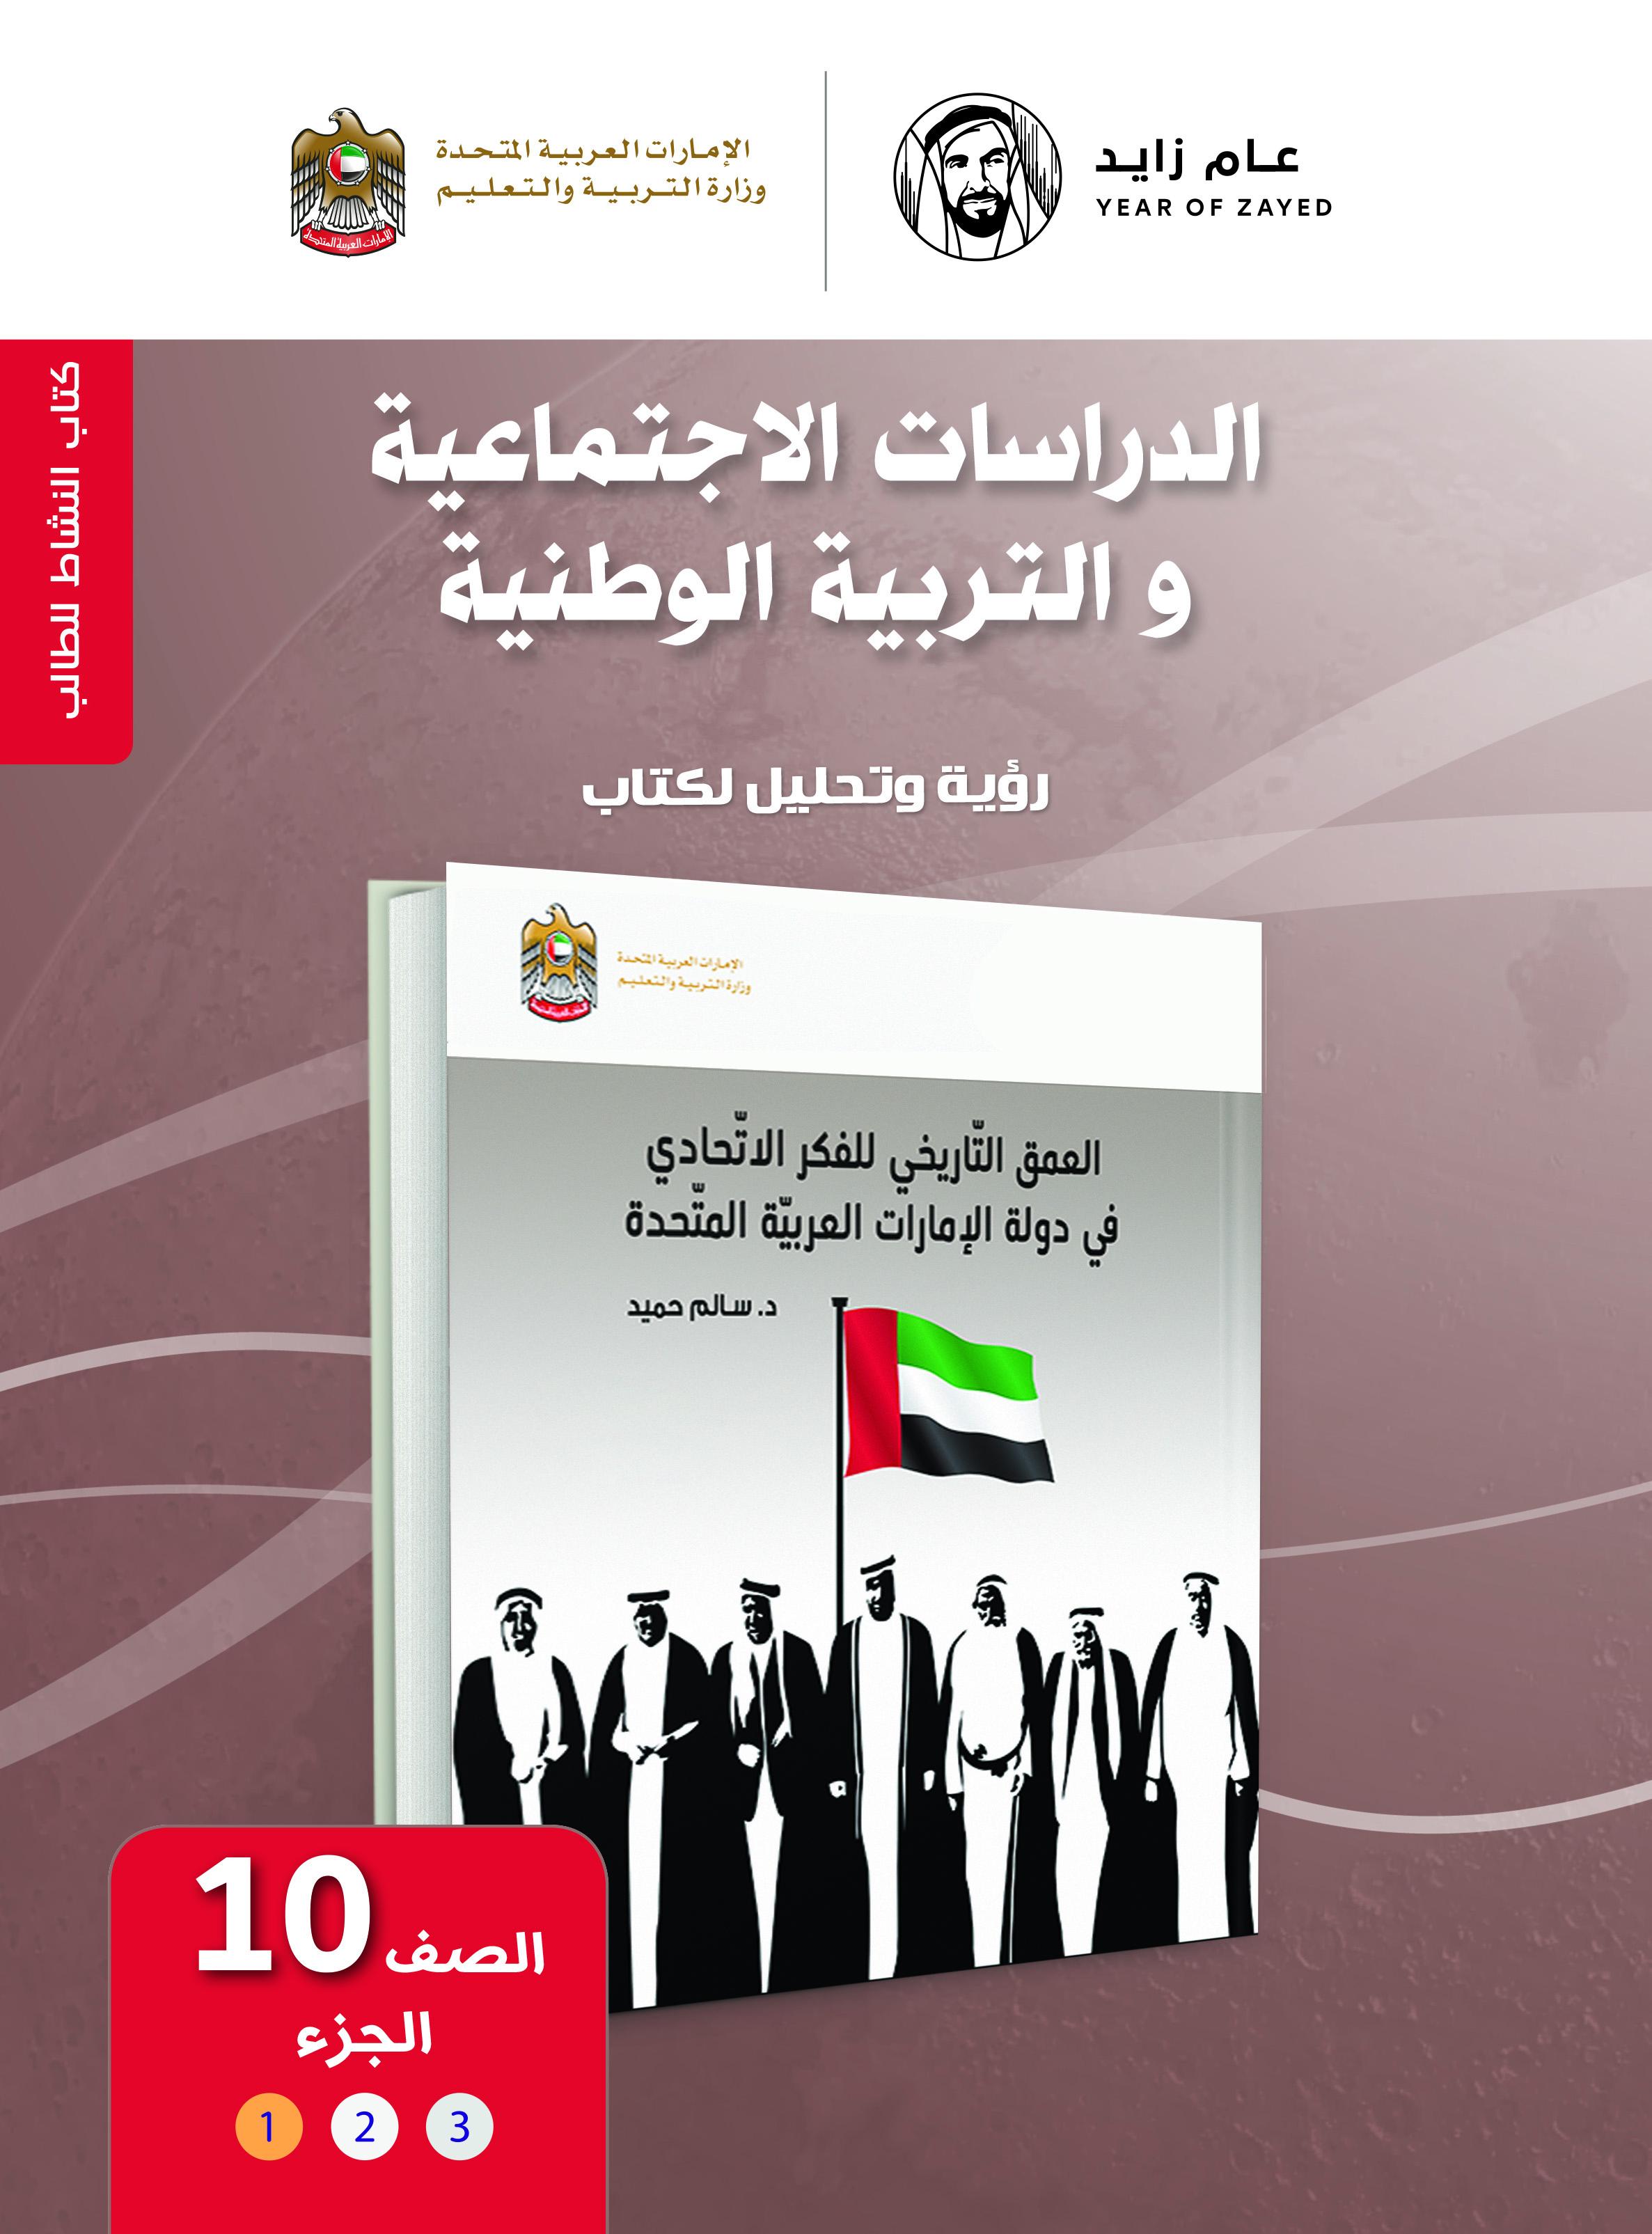 الدراسات الاجتماعية و التربية الوطنية - كتاب النشاط للطالب - الصف العاشر - الجزء الأول